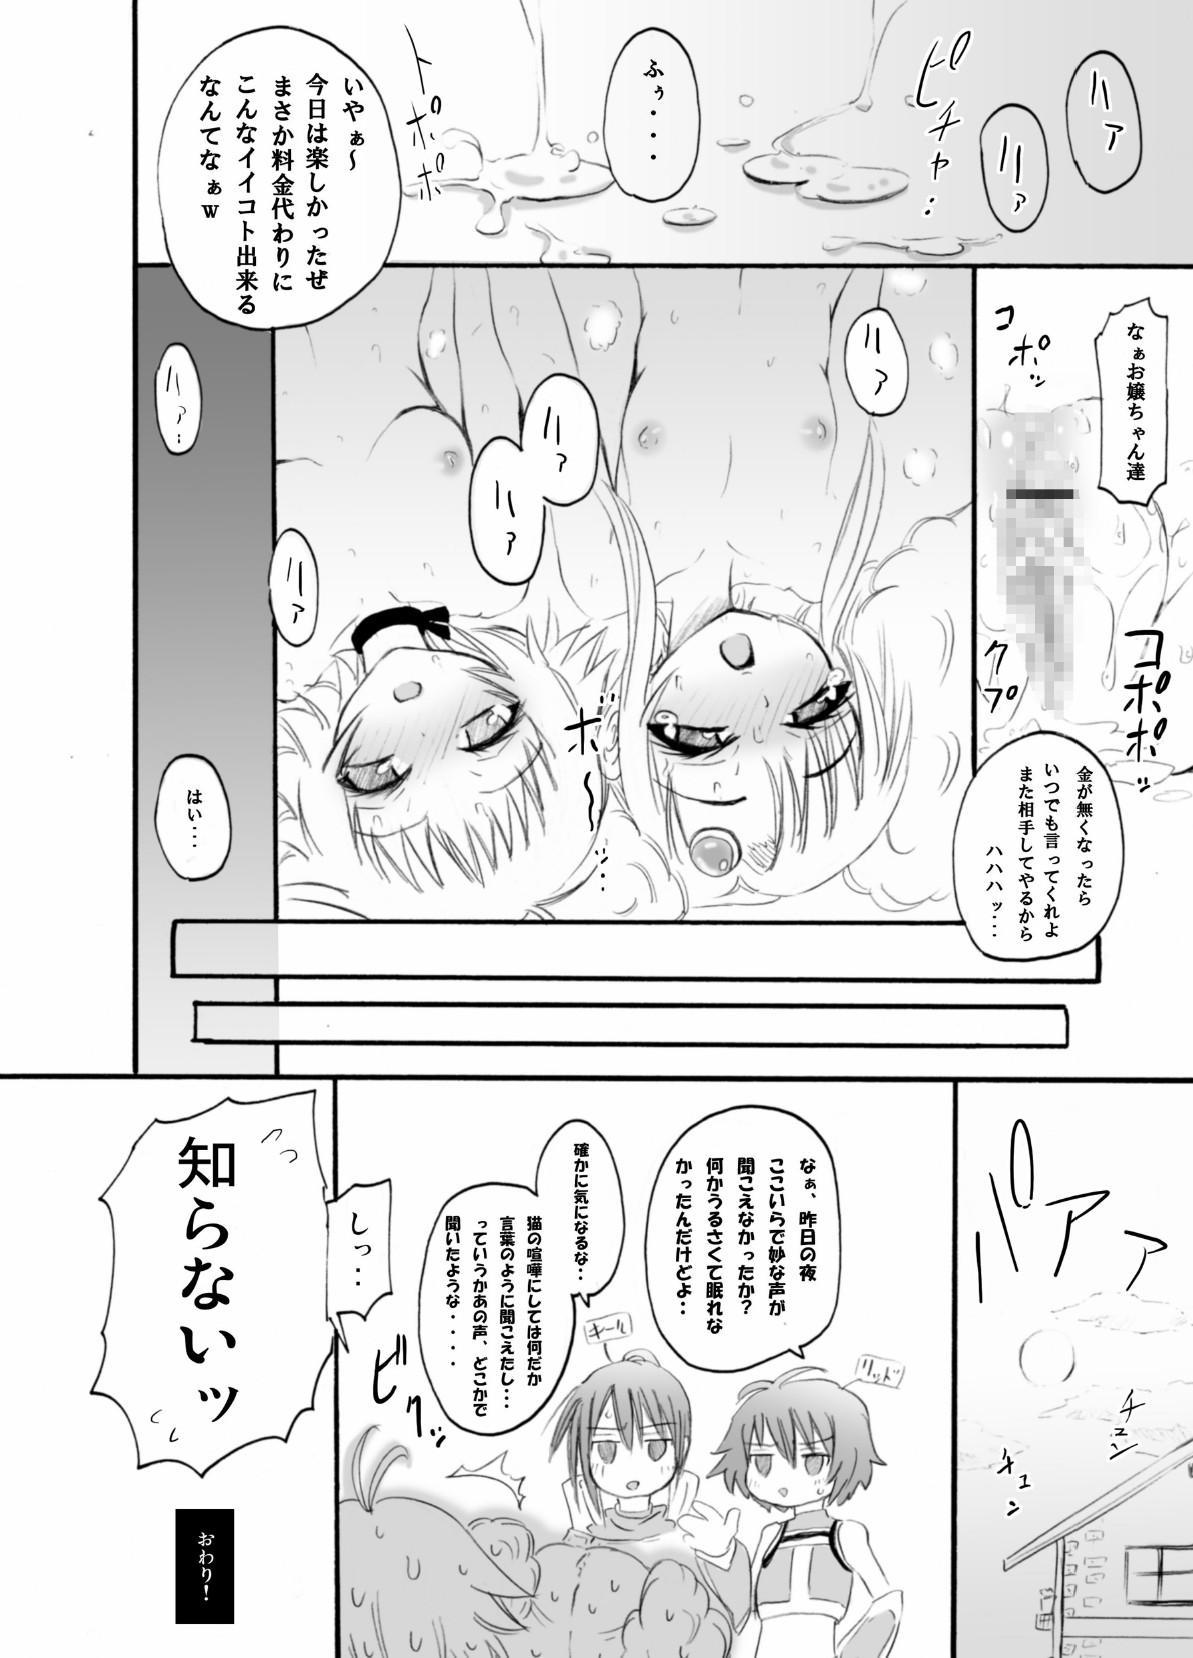 Tales no toriko 58